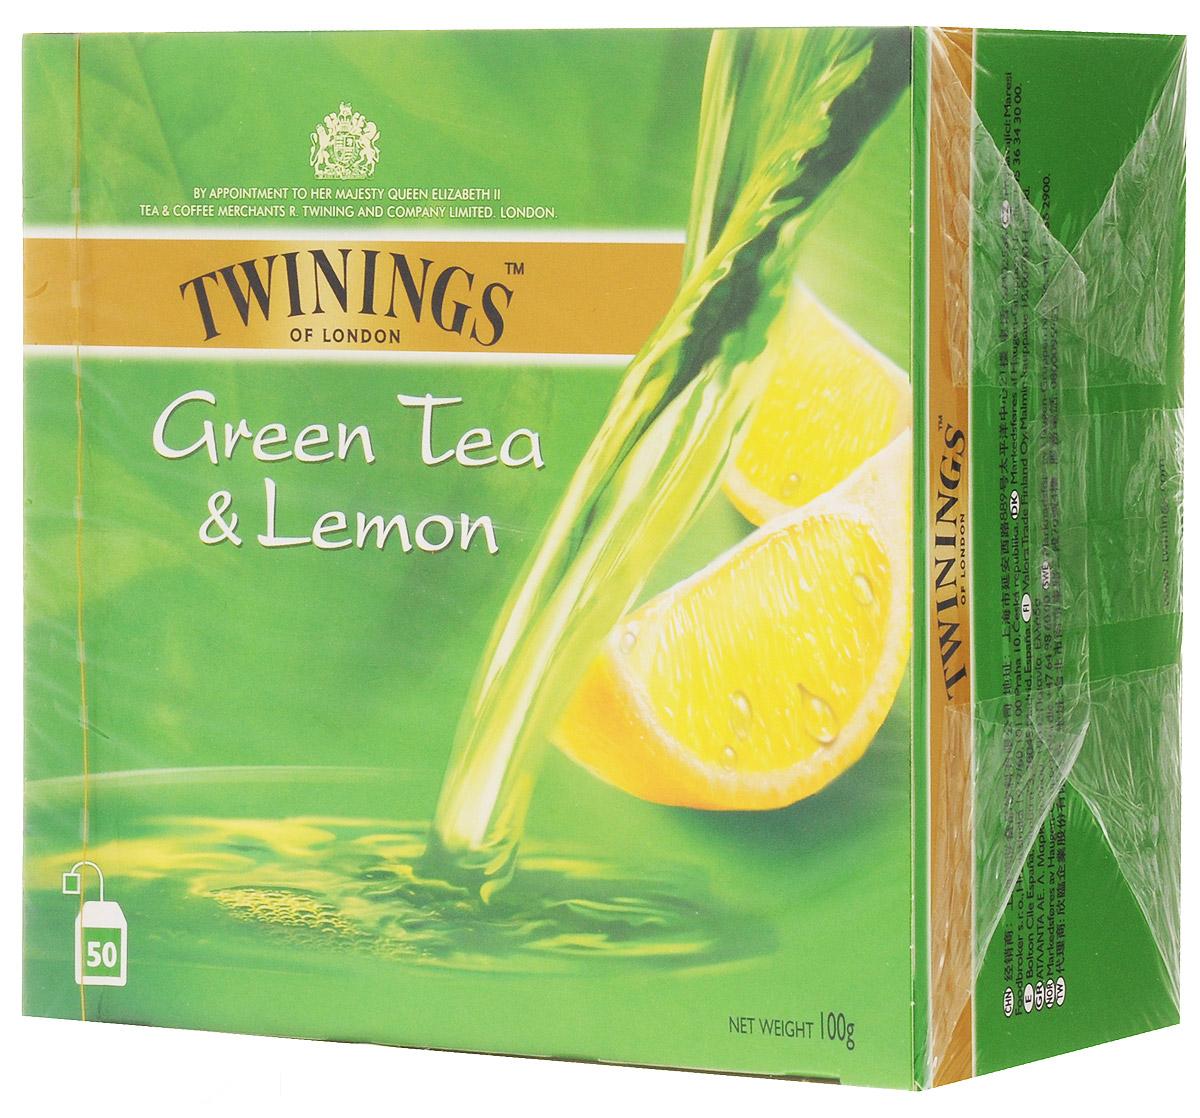 Twinings Green Tea & Lemon чай зеленый в пакетиках, 50 шт0120710Twinings Green Tea & Lemon - это уникальная смесь сортов зеленого чая с добавлением высушенной лимонной цедры. Подарит ощущения бодрости на весь день.